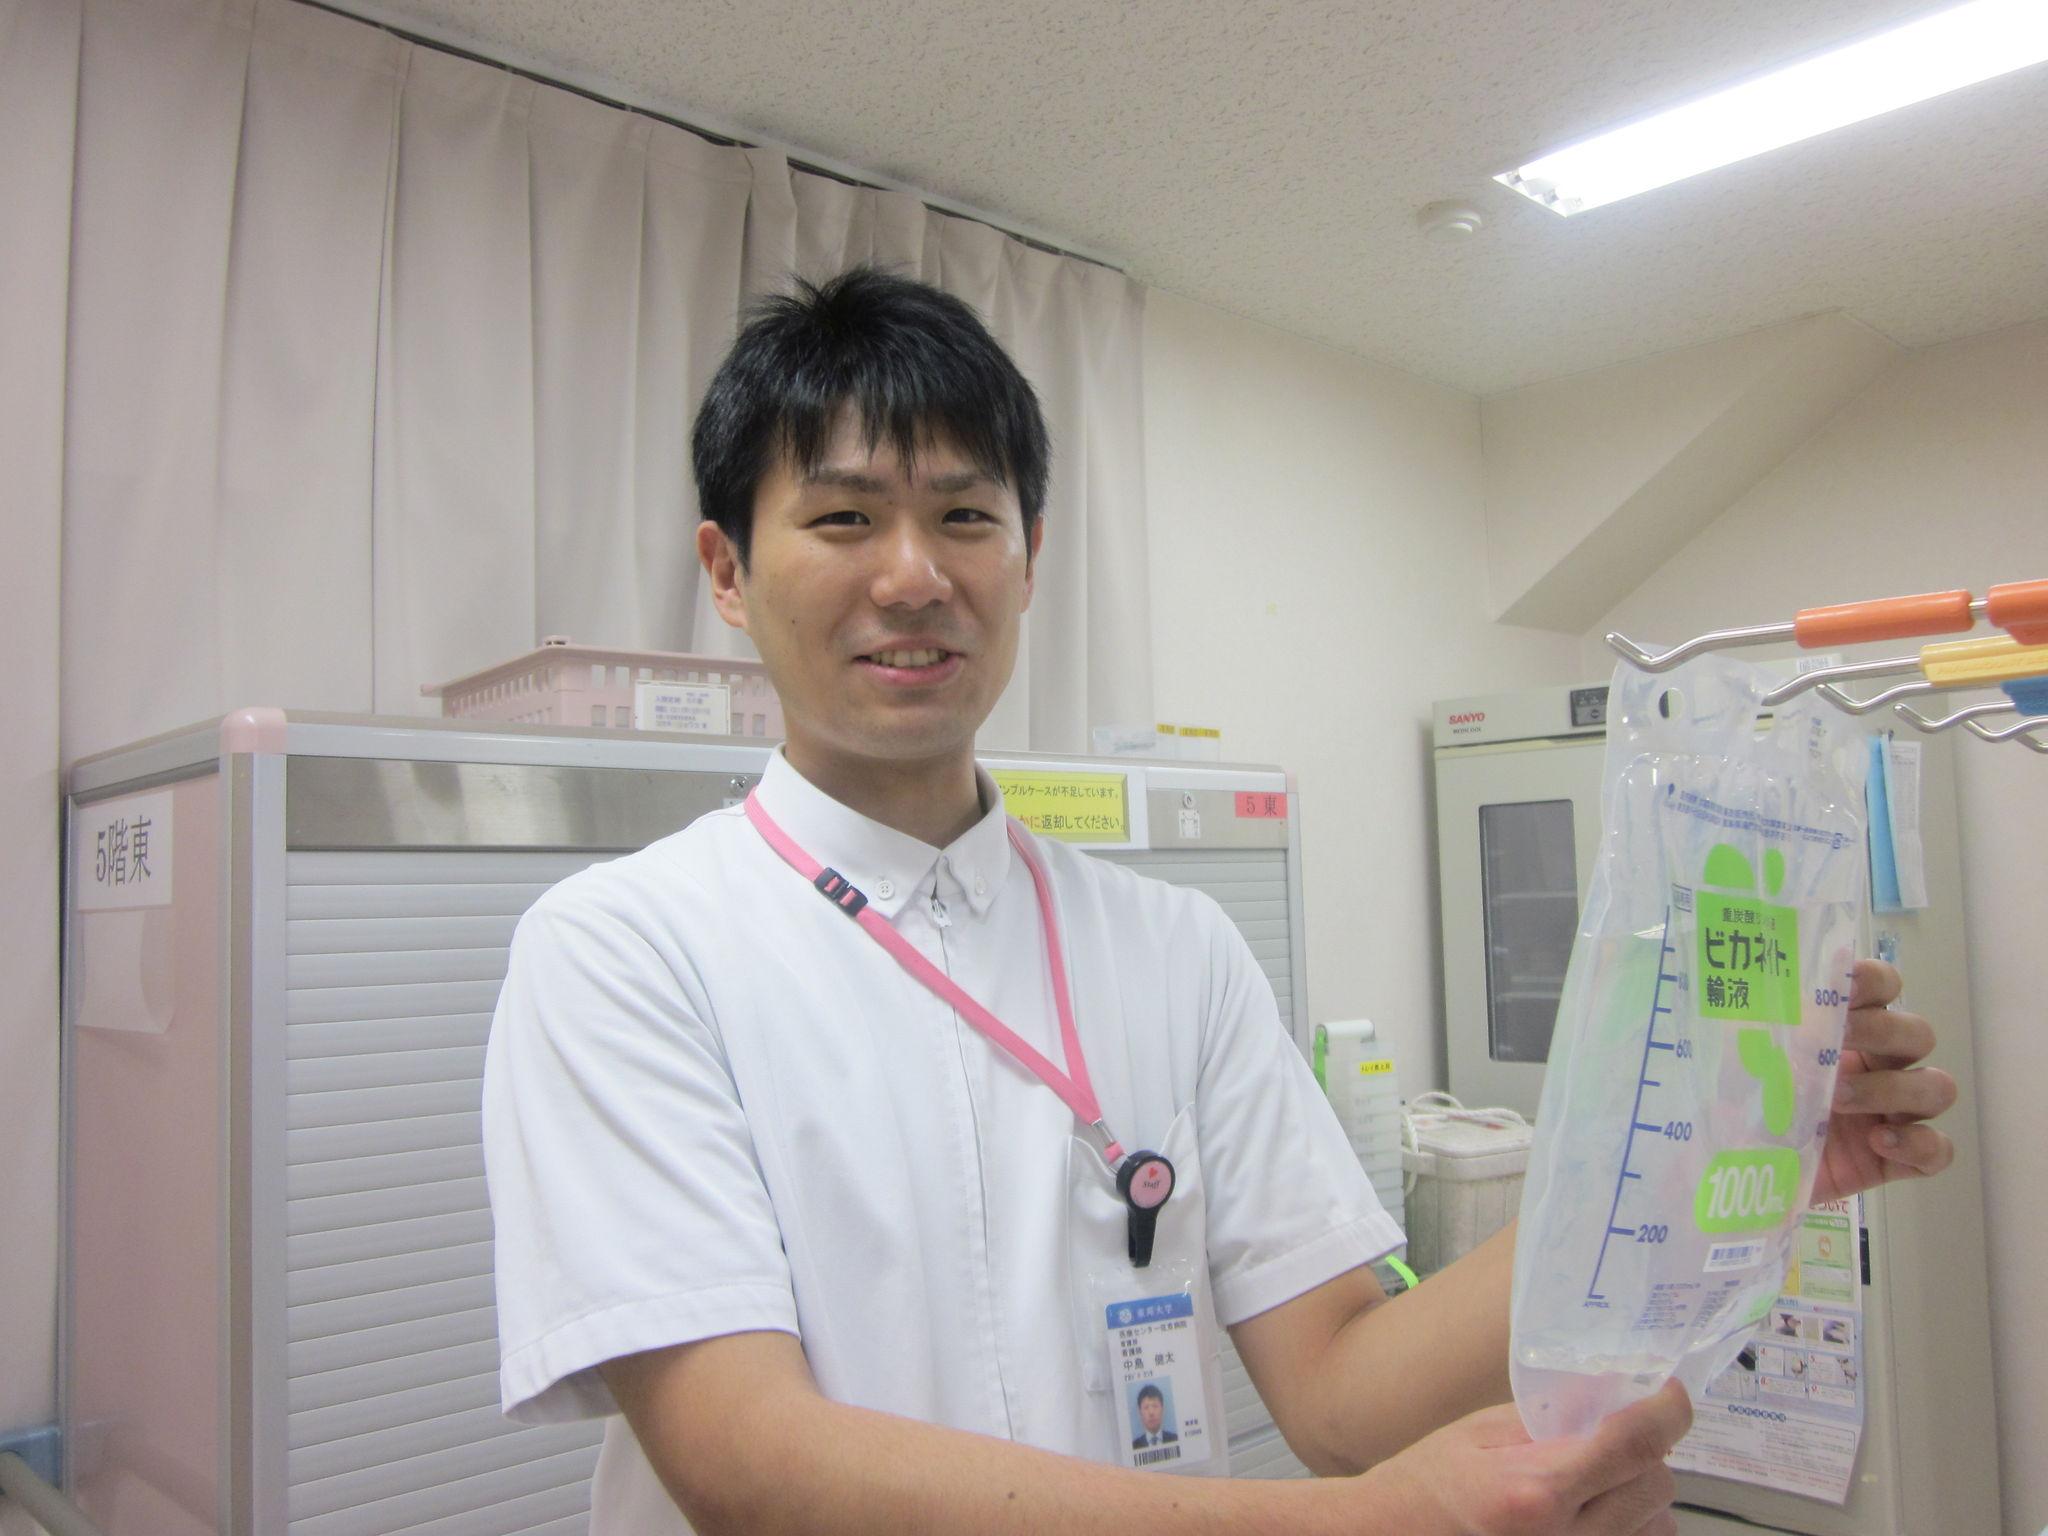 【東邦大学医療センター佐倉病院】のインタビュー一覧